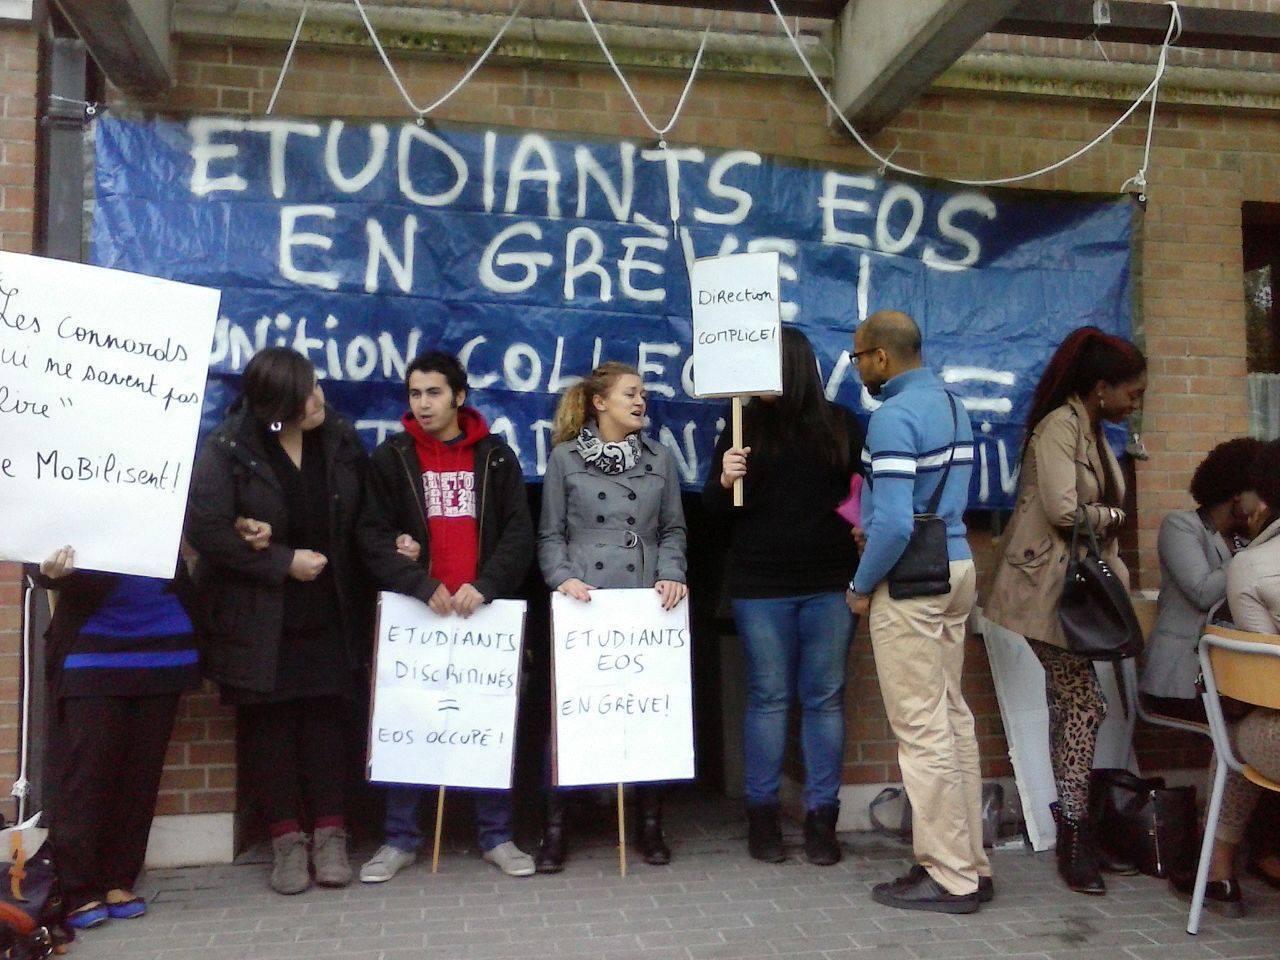 Studentenactie bij EOS in Brussel